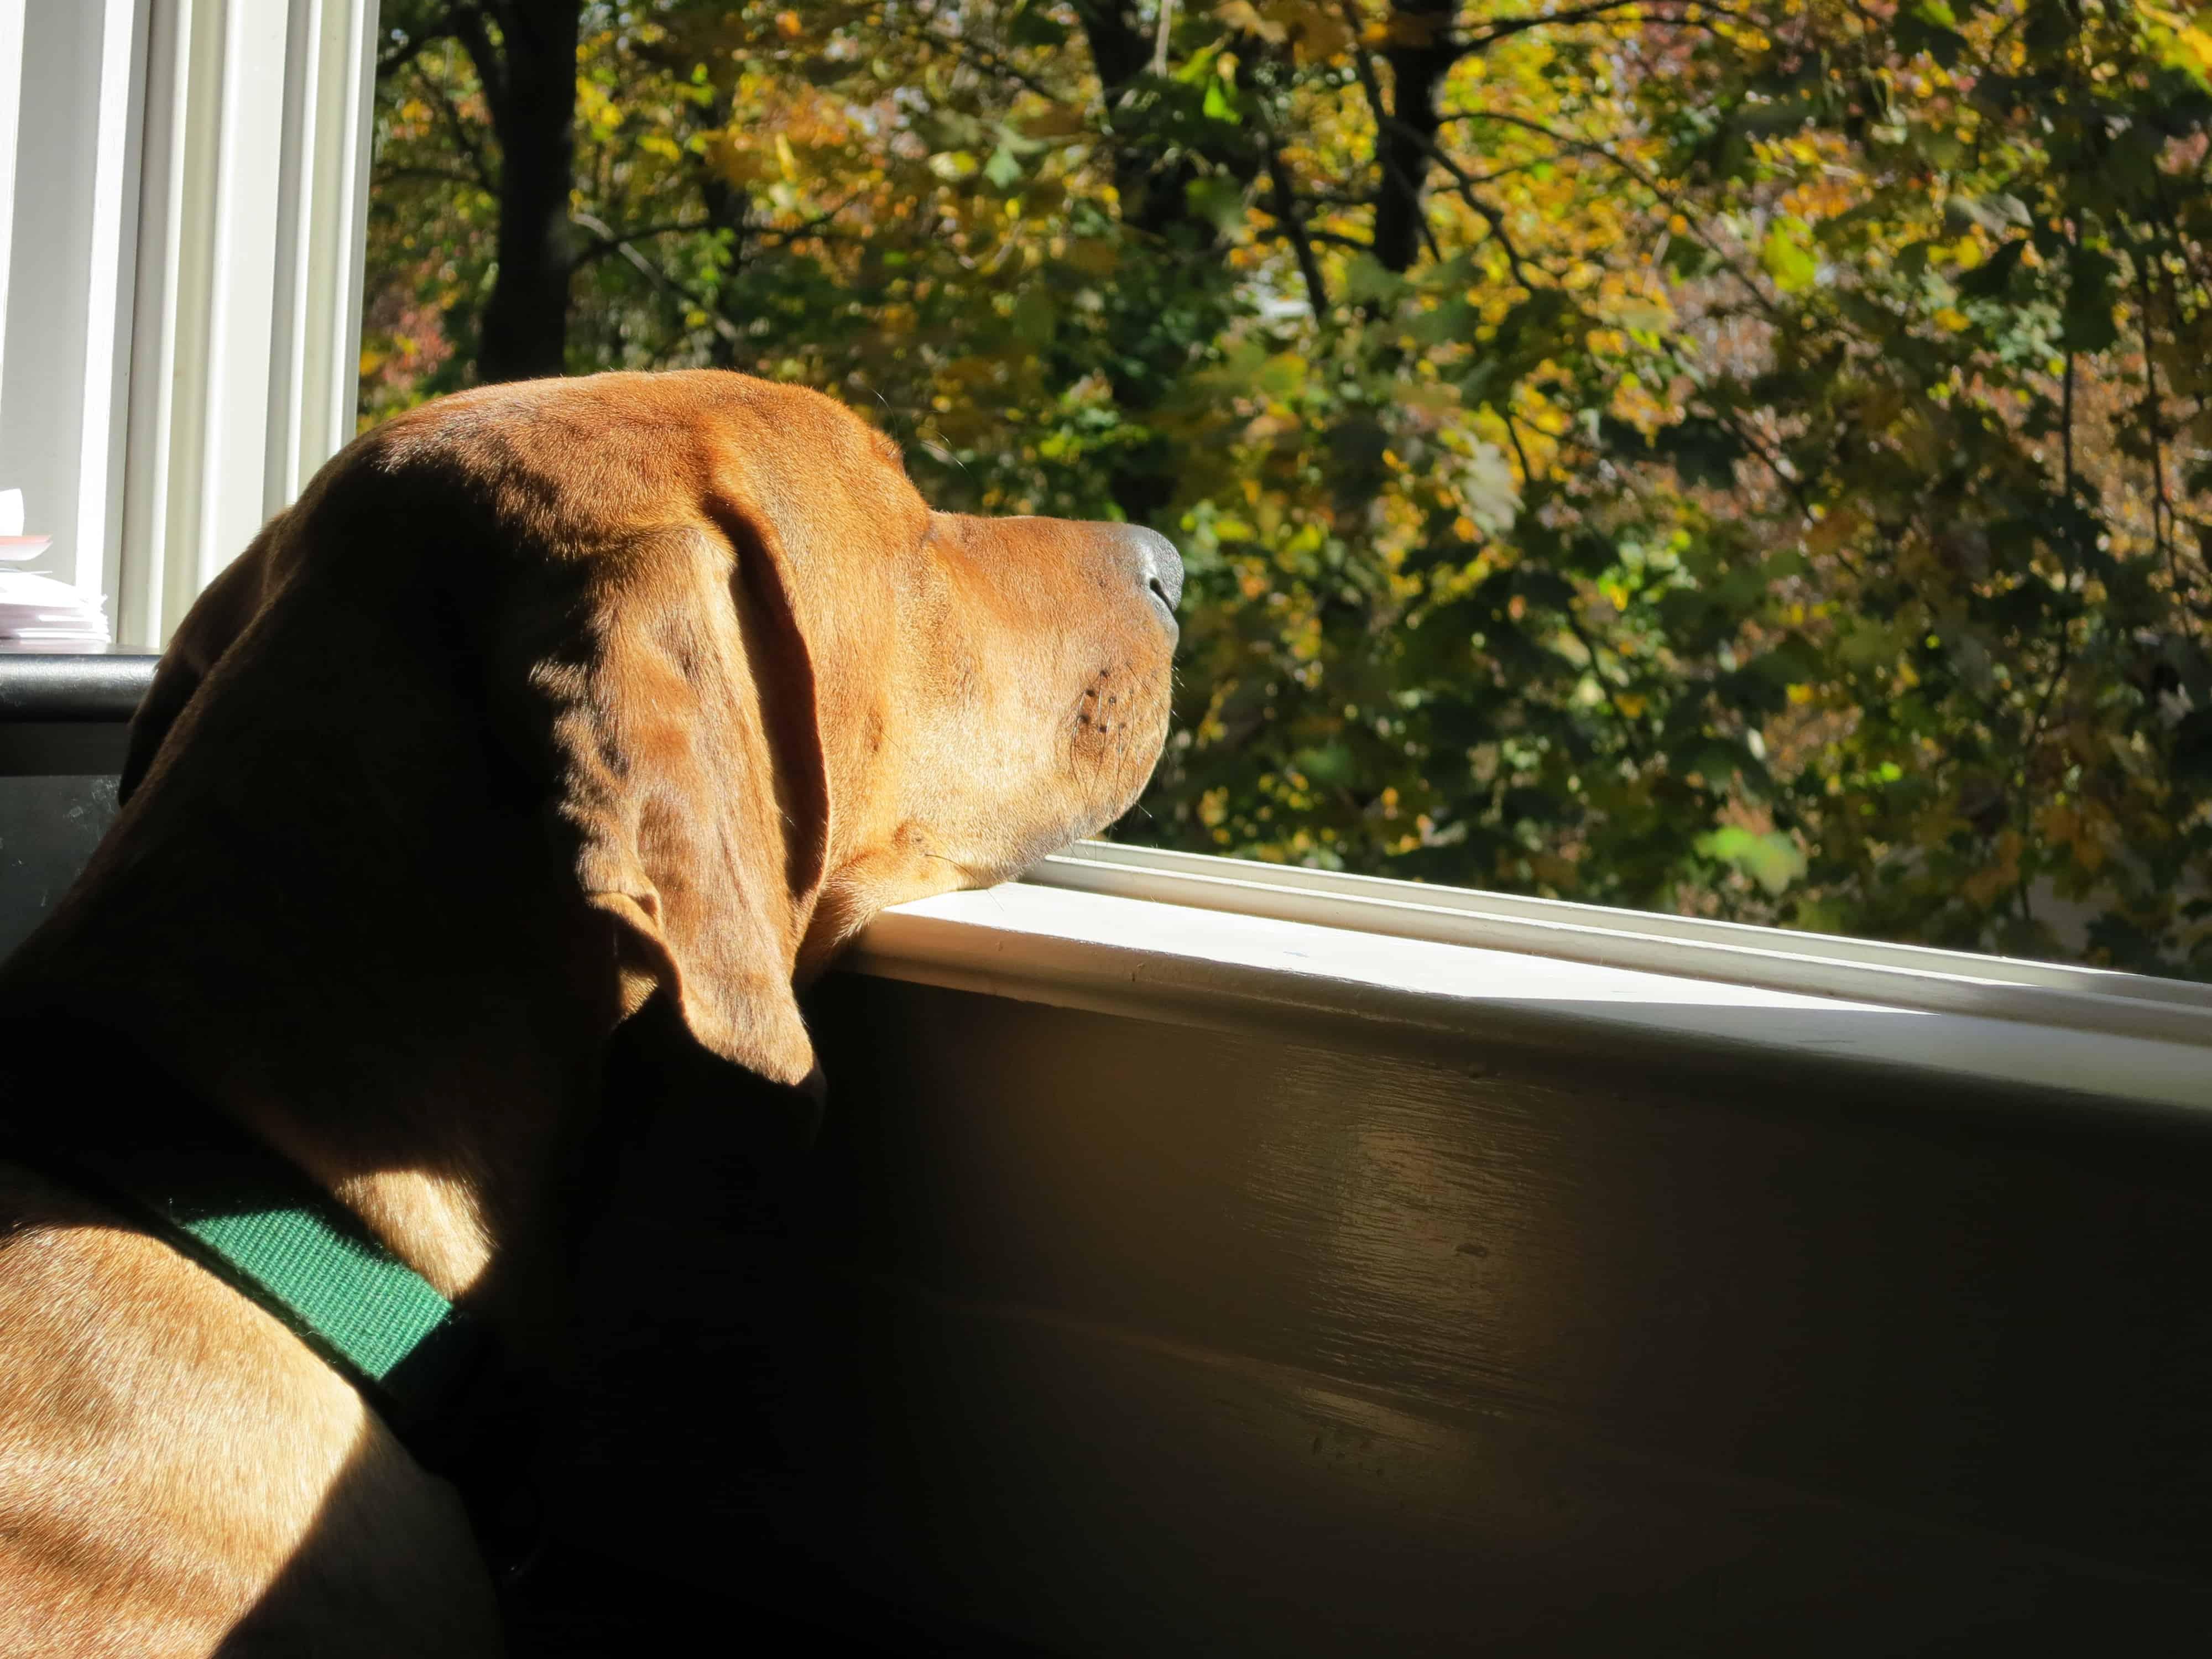 Pet-friendly-travel-window